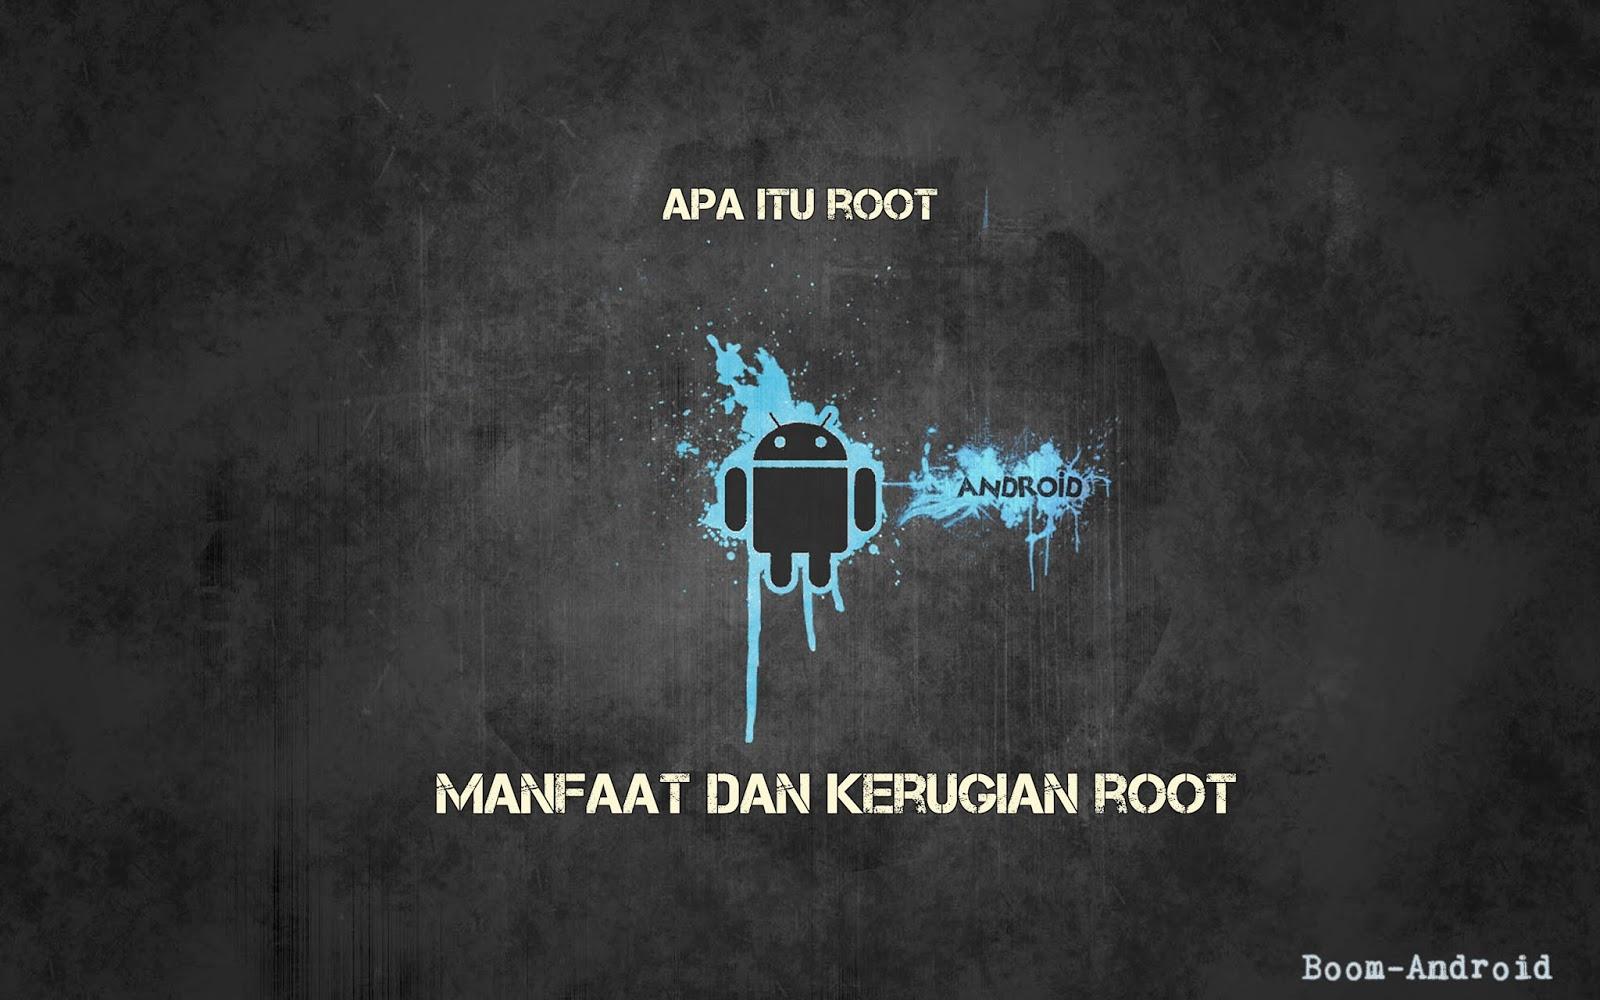 Apa itu root, manfaat dan kerugian root android